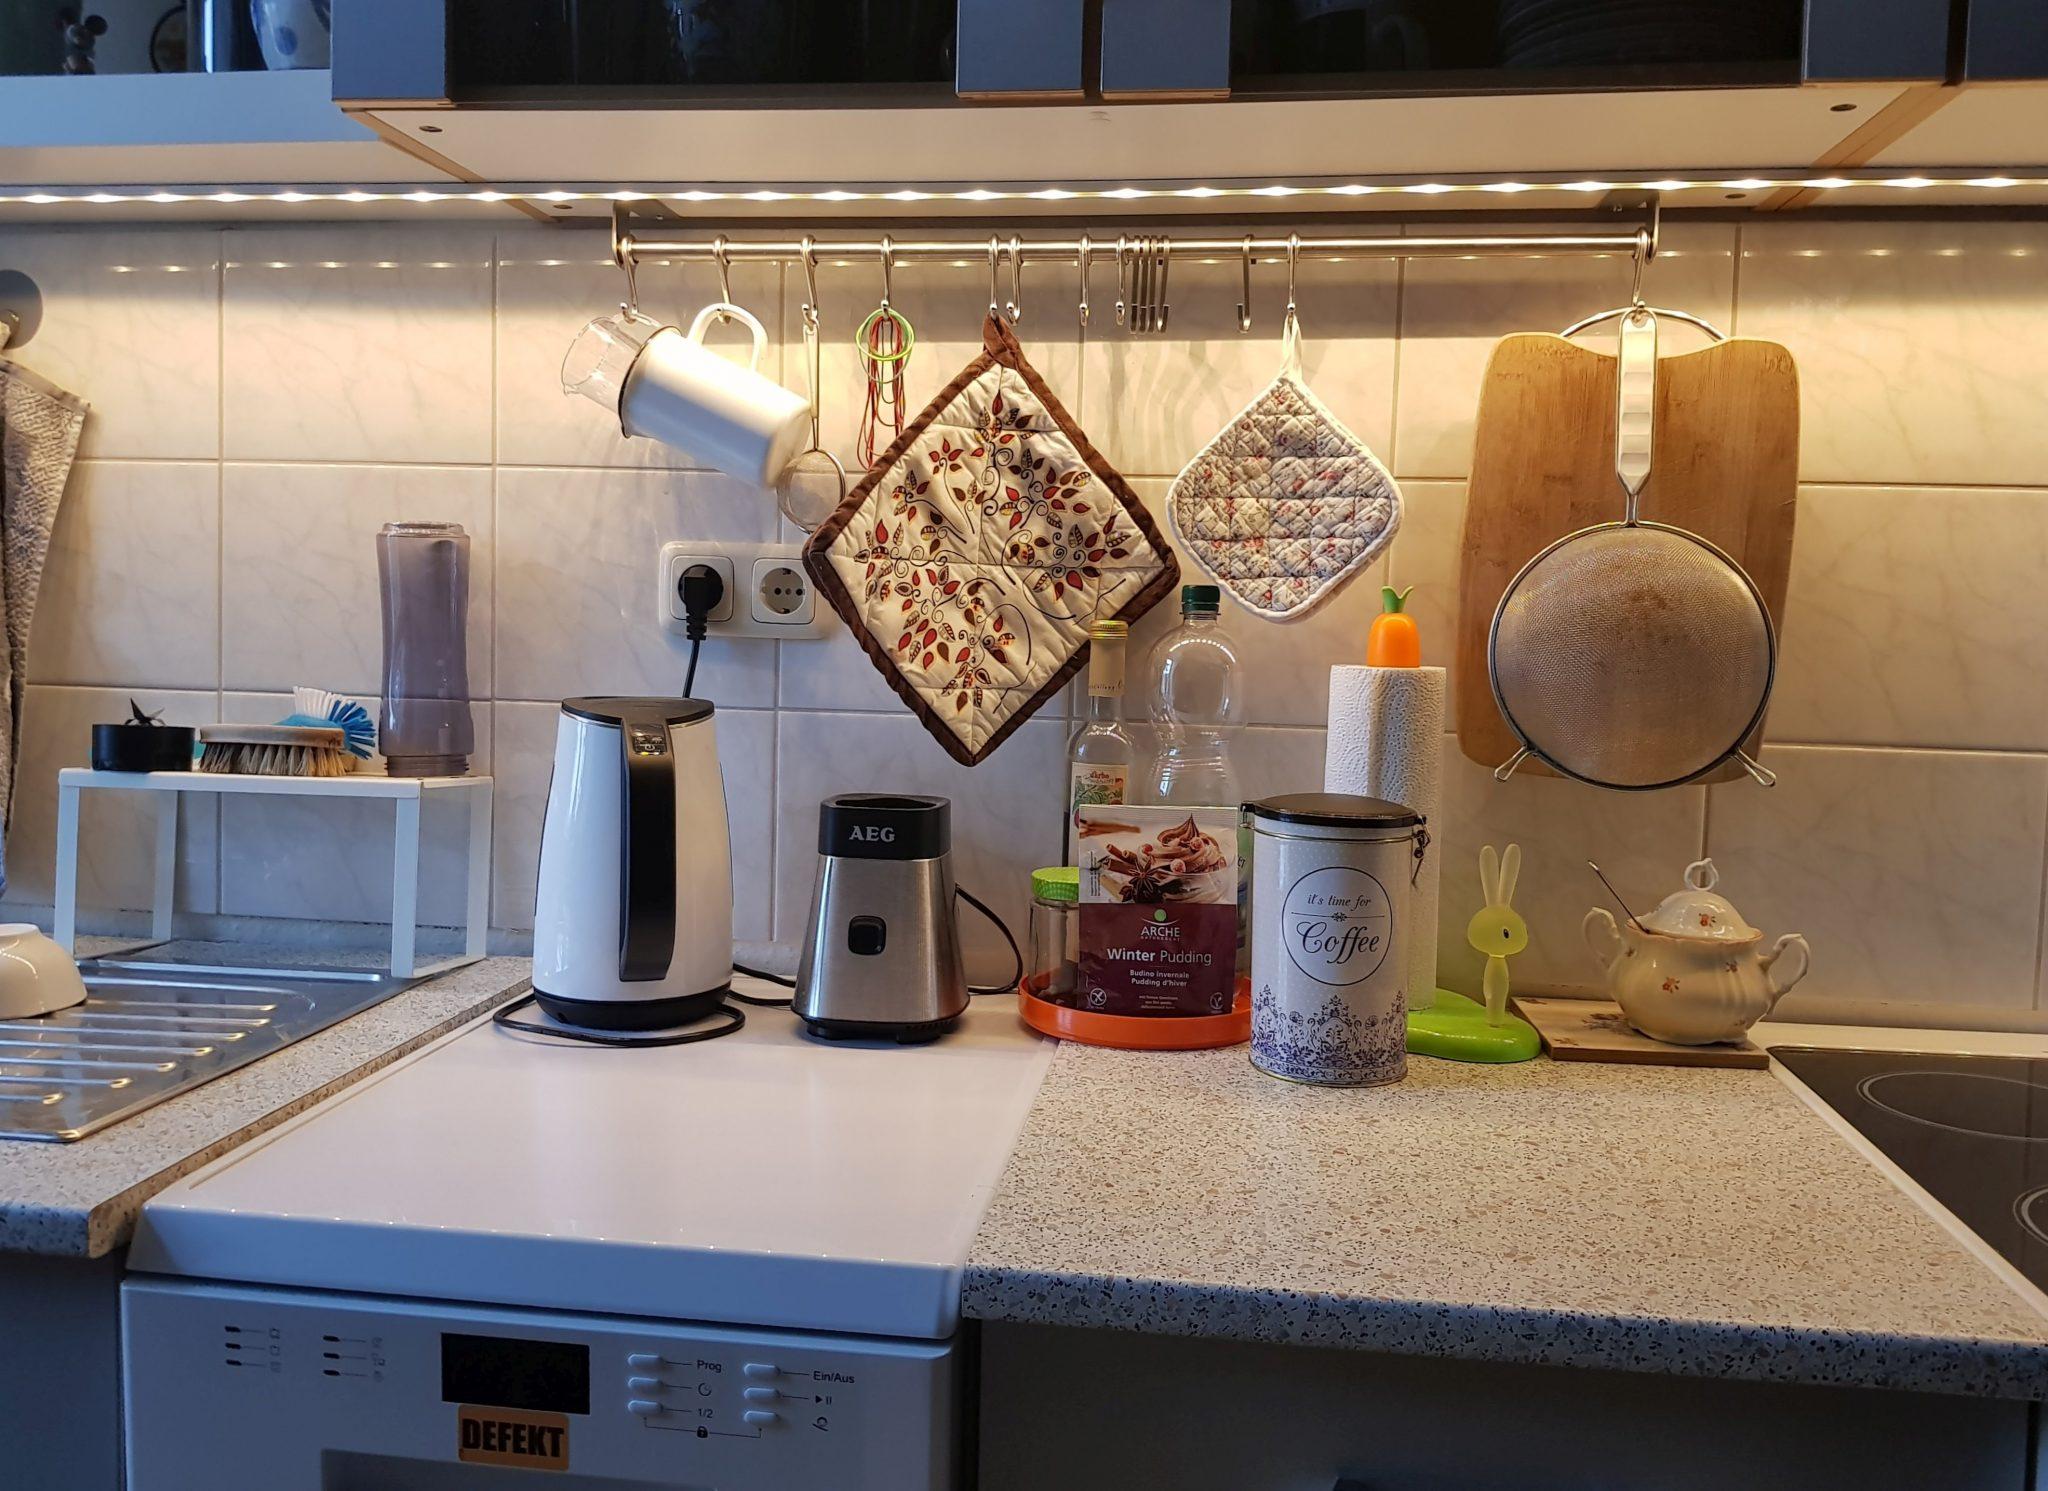 Full Size of Küche Sockelblende Montieren Sockelblende Küche 180 Mm Küche Blende Aluminium Sockelblende Küche Led Küche Küche Blende